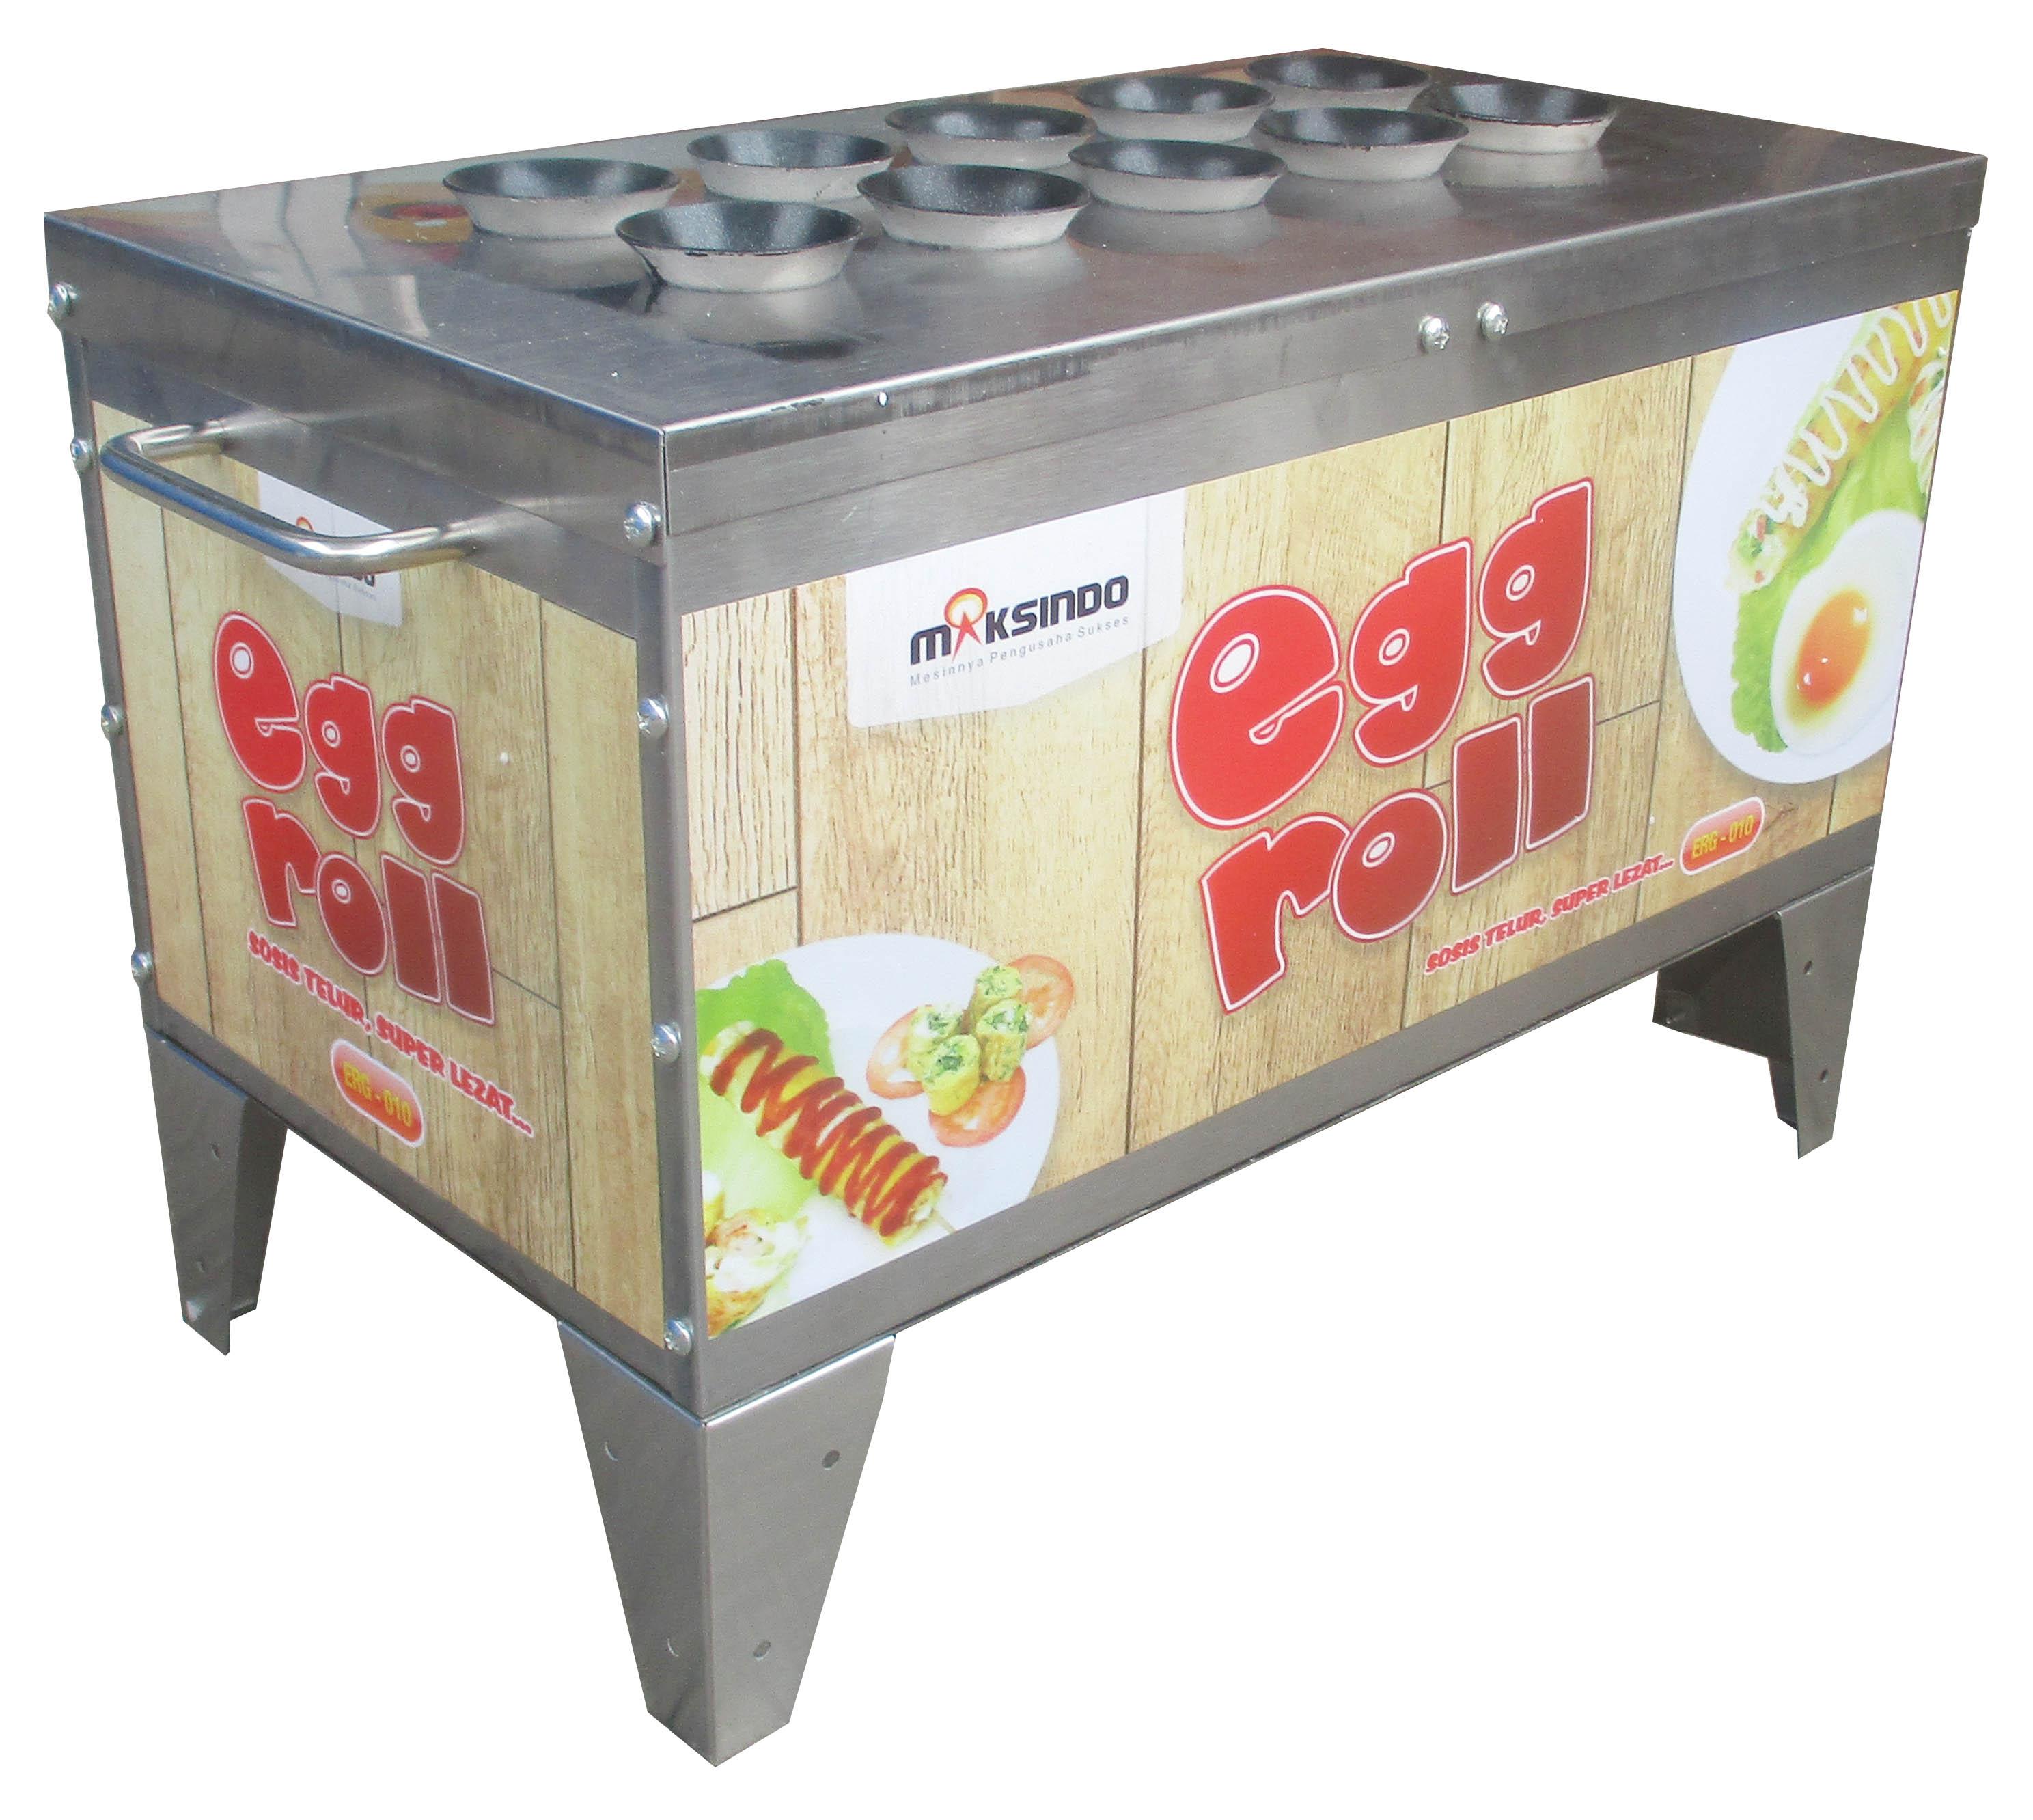 Jual Mesin Pembuat Egg Roll ERG-010 di Malang